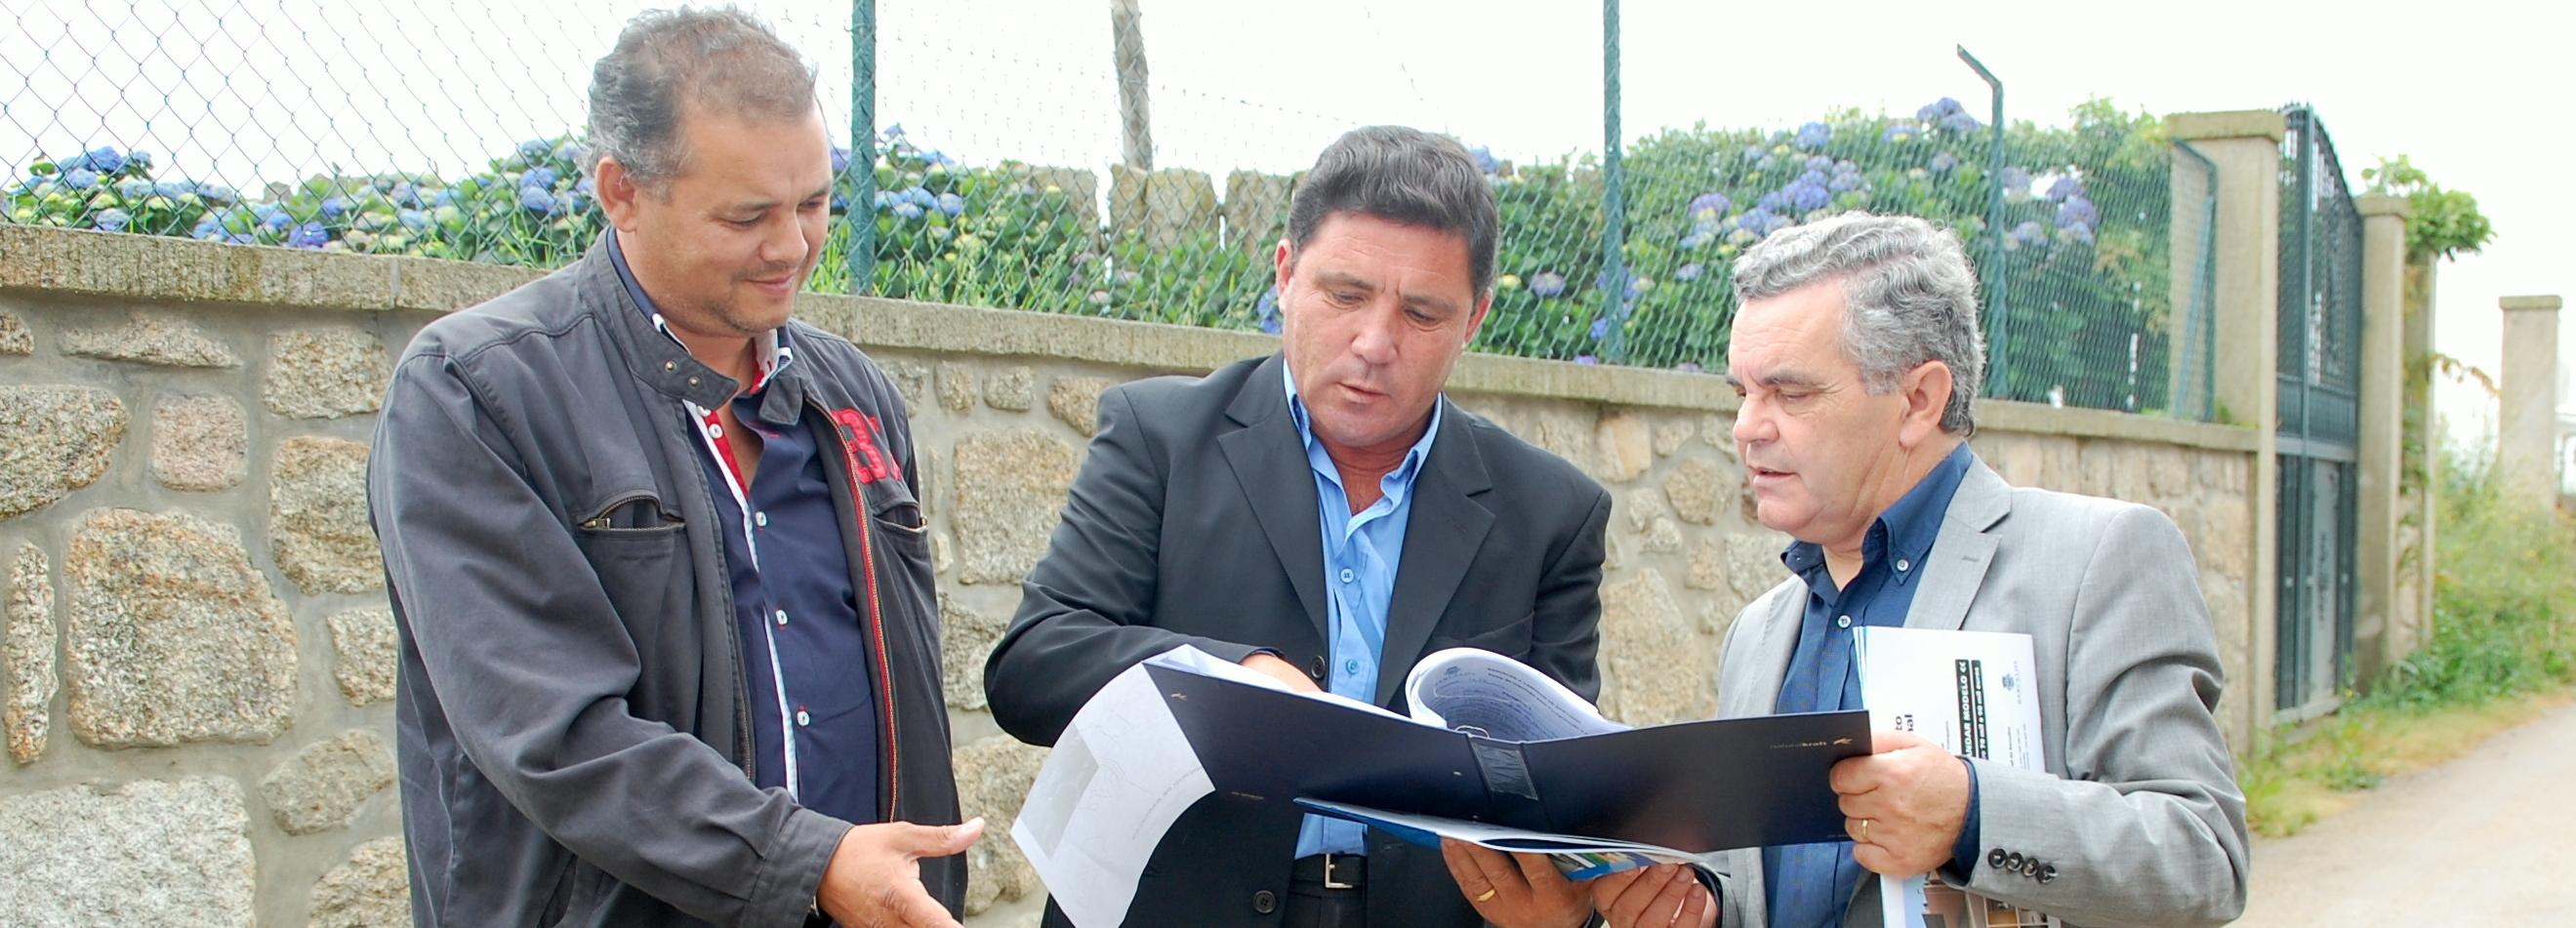 Milhazes inicia obras de requalificação de caminhos no valor de cerca de 90 mil euros